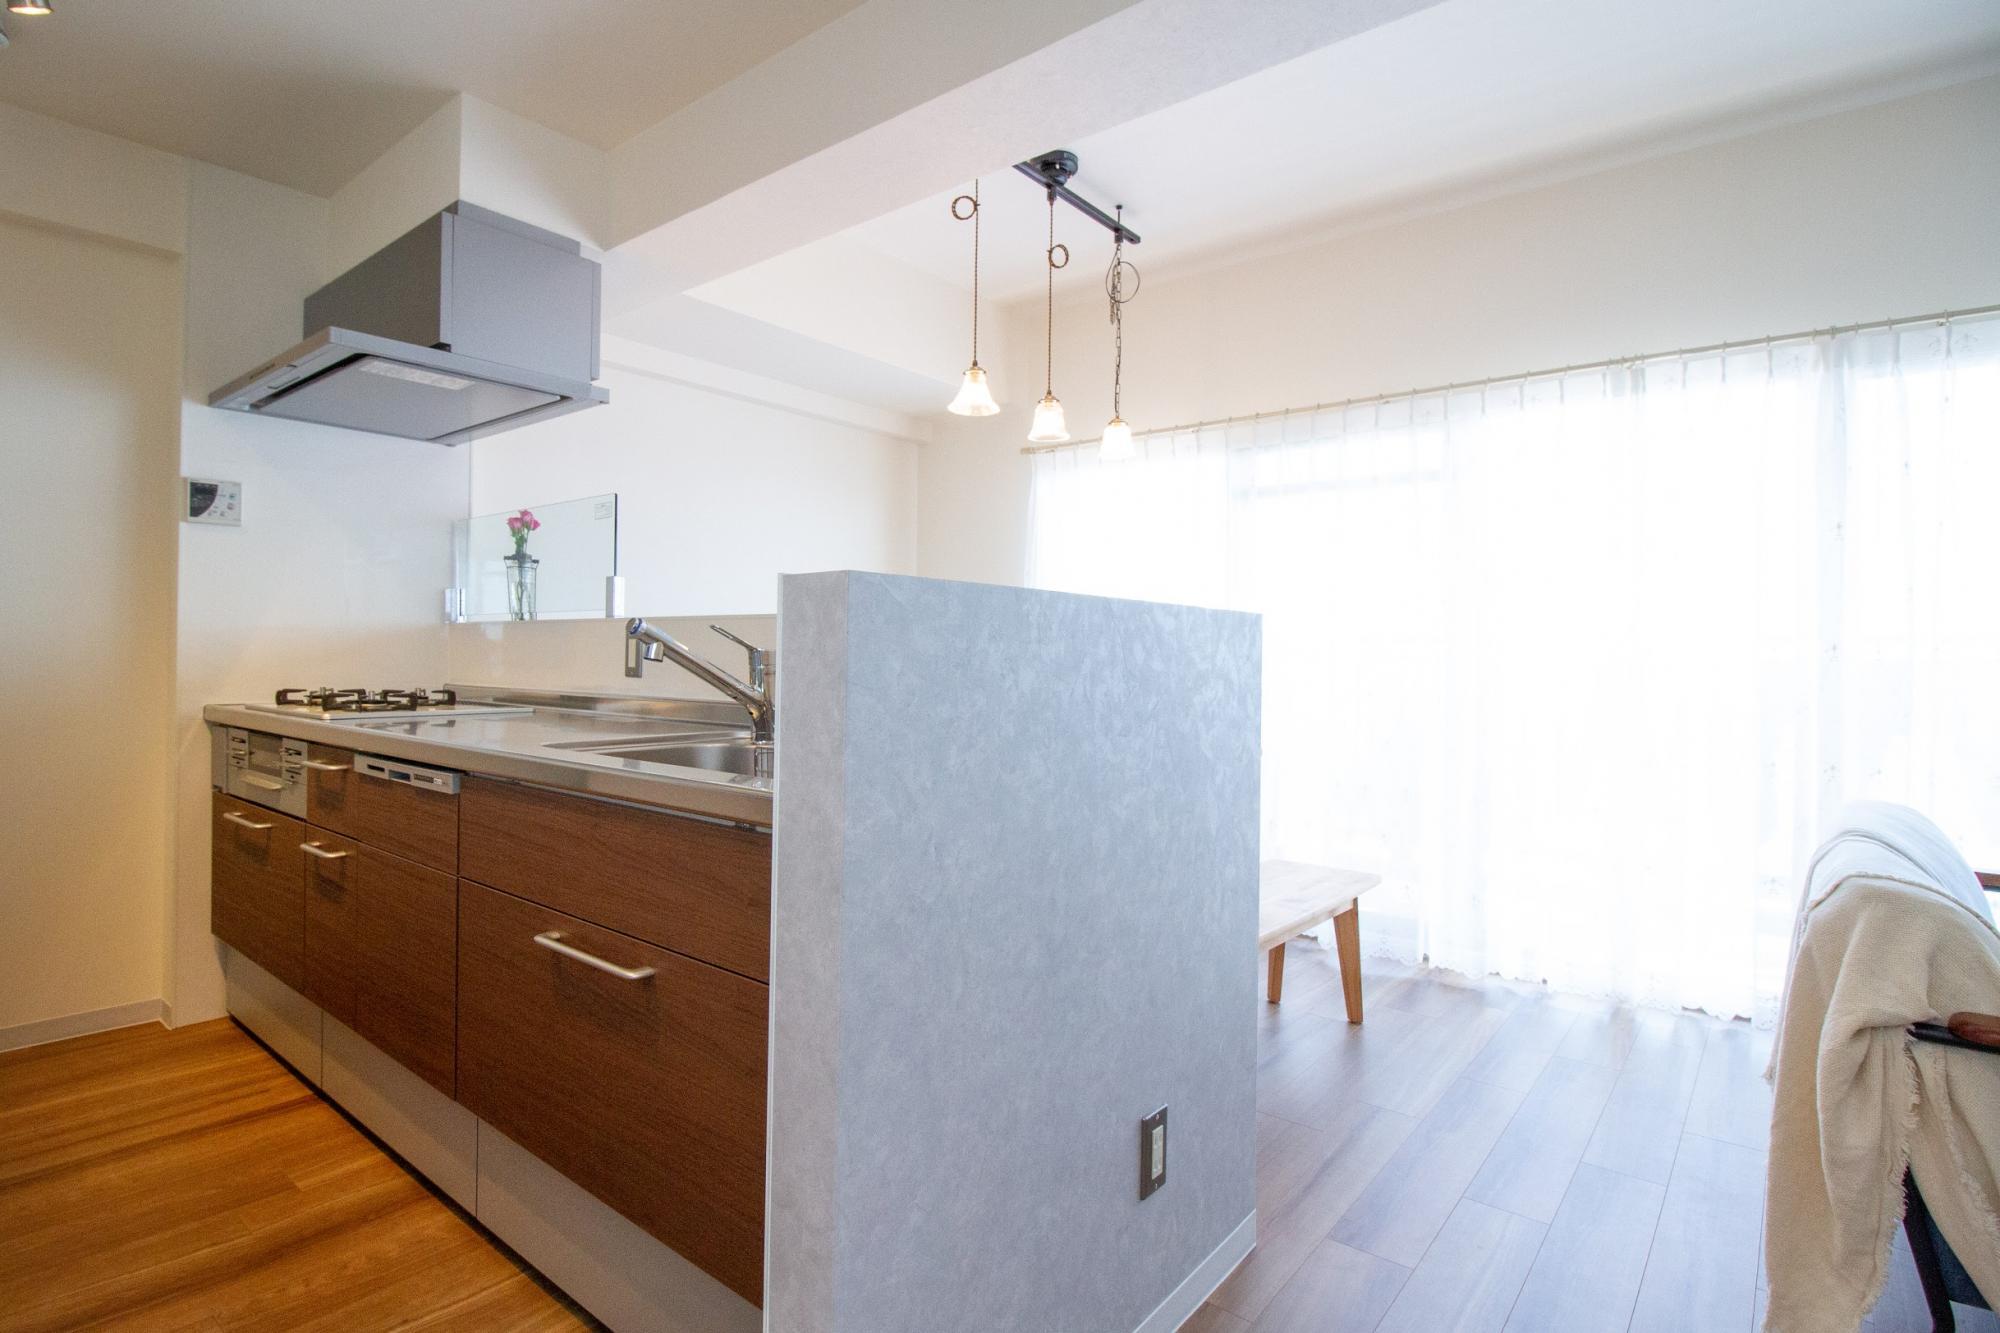 キッチンの袖壁にコンクリートデザインのシートを合わせました。ナチュラル+アイアン+コンクリートは意外とよく合います。暖かさと冷たさのギャップがおしゃれです。